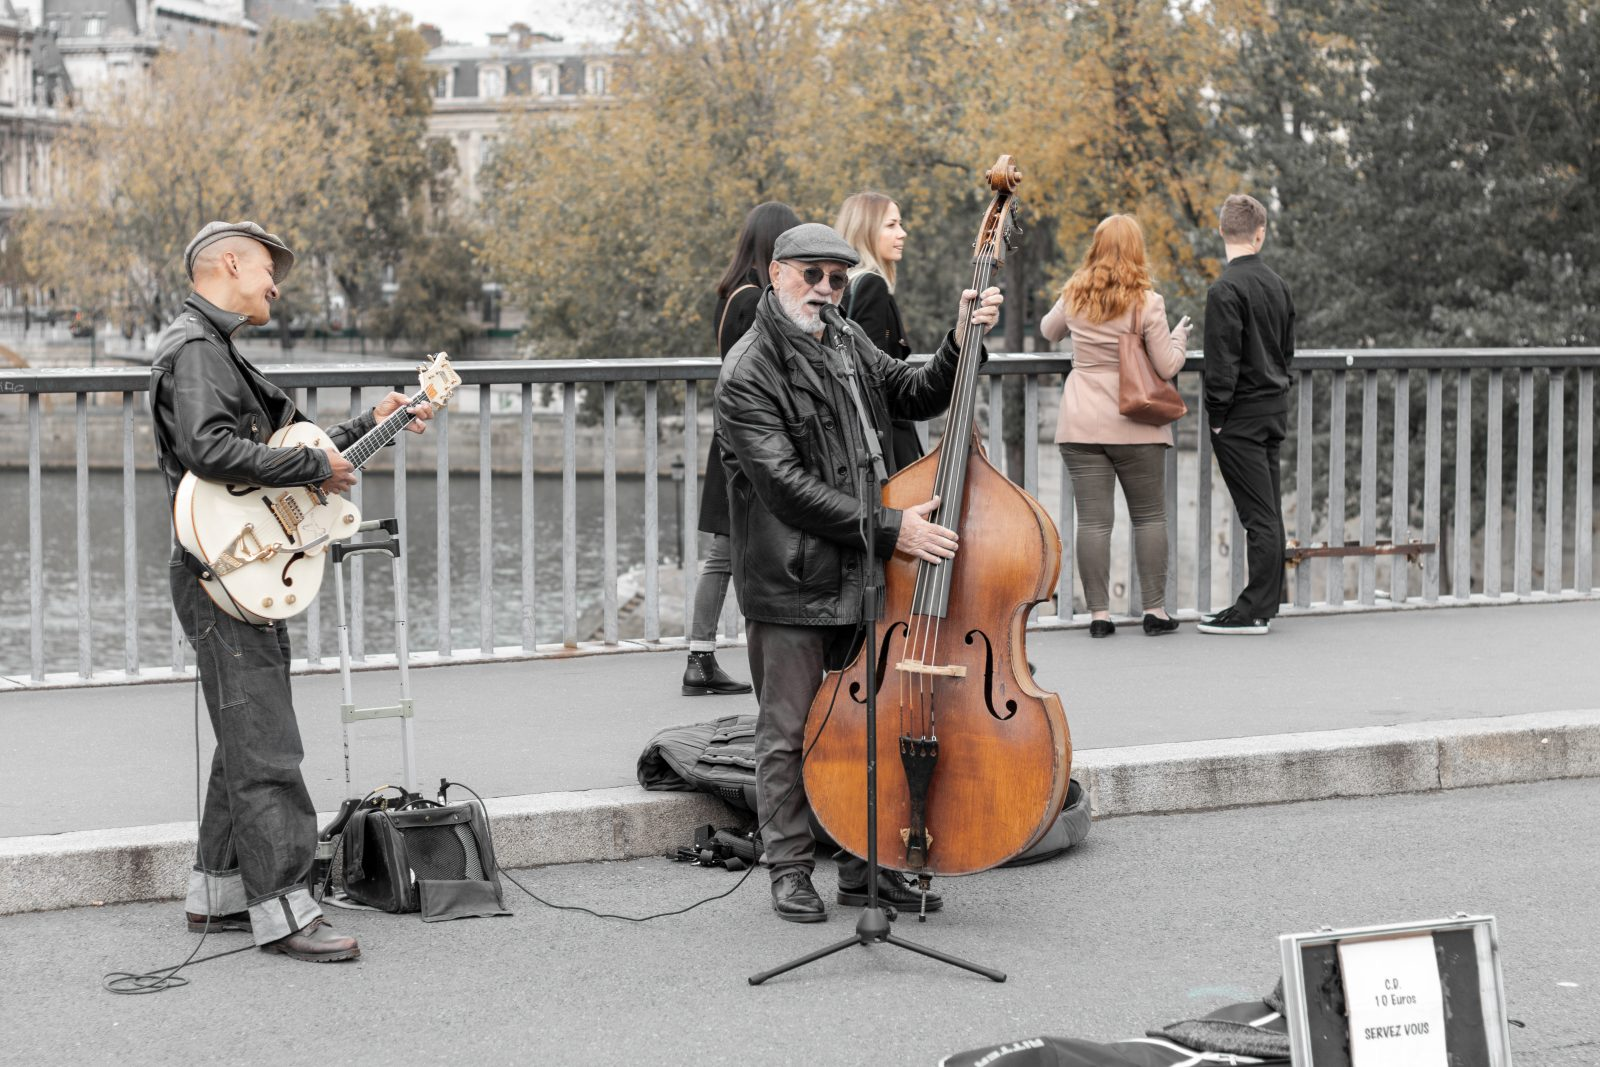 Musikere på Ile Saint Louis